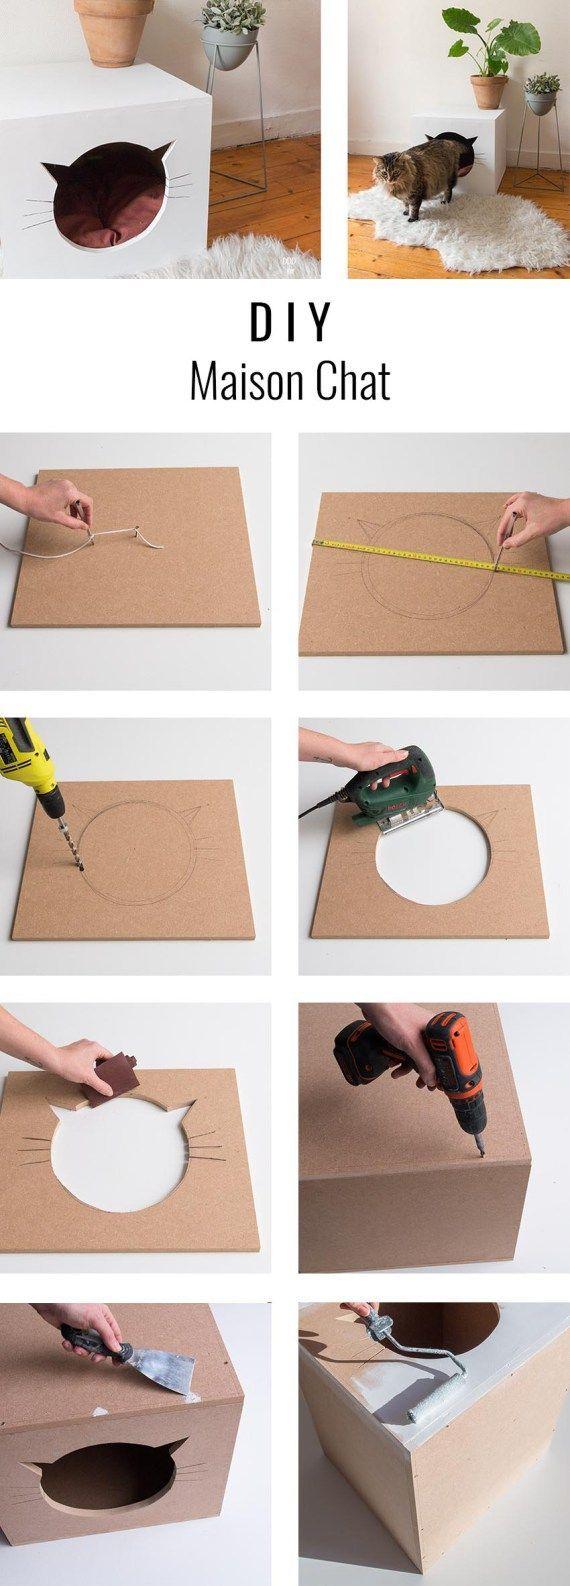 DIY maison chat à fabriquer – #à #chat #Diy #Fab…